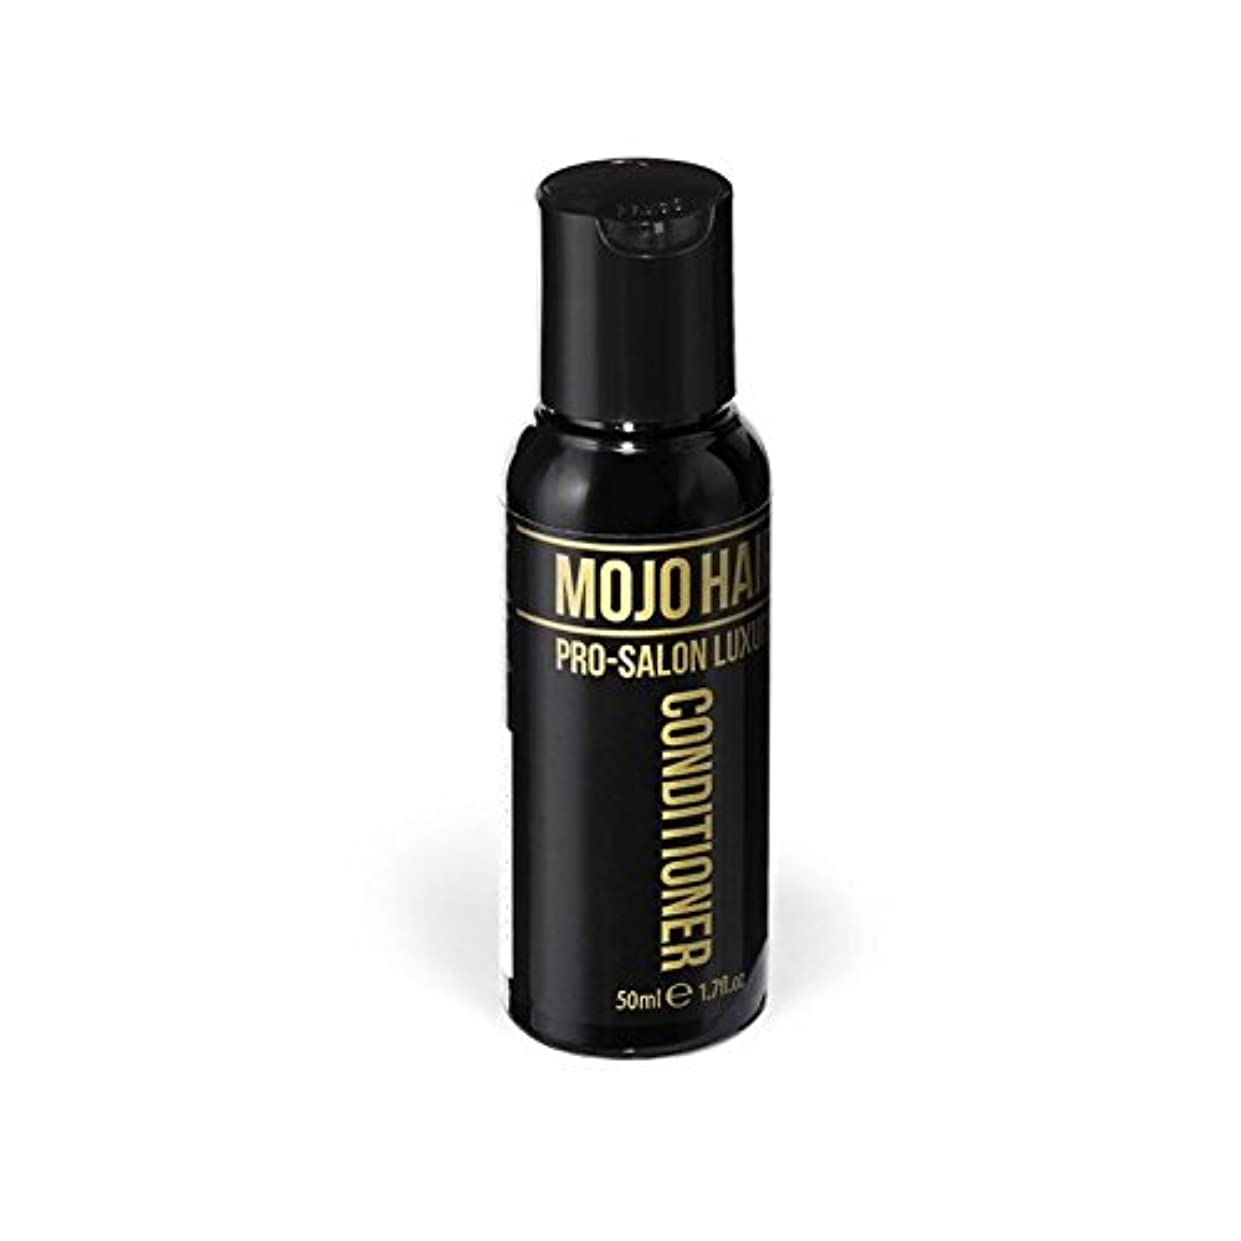 デッド回転上級モジョの毛プロのサロンの贅沢なコンディショナー(50ミリリットル) x4 - Mojo Hair Pro-Salon Luxury Conditioner (50ml) (Pack of 4) [並行輸入品]